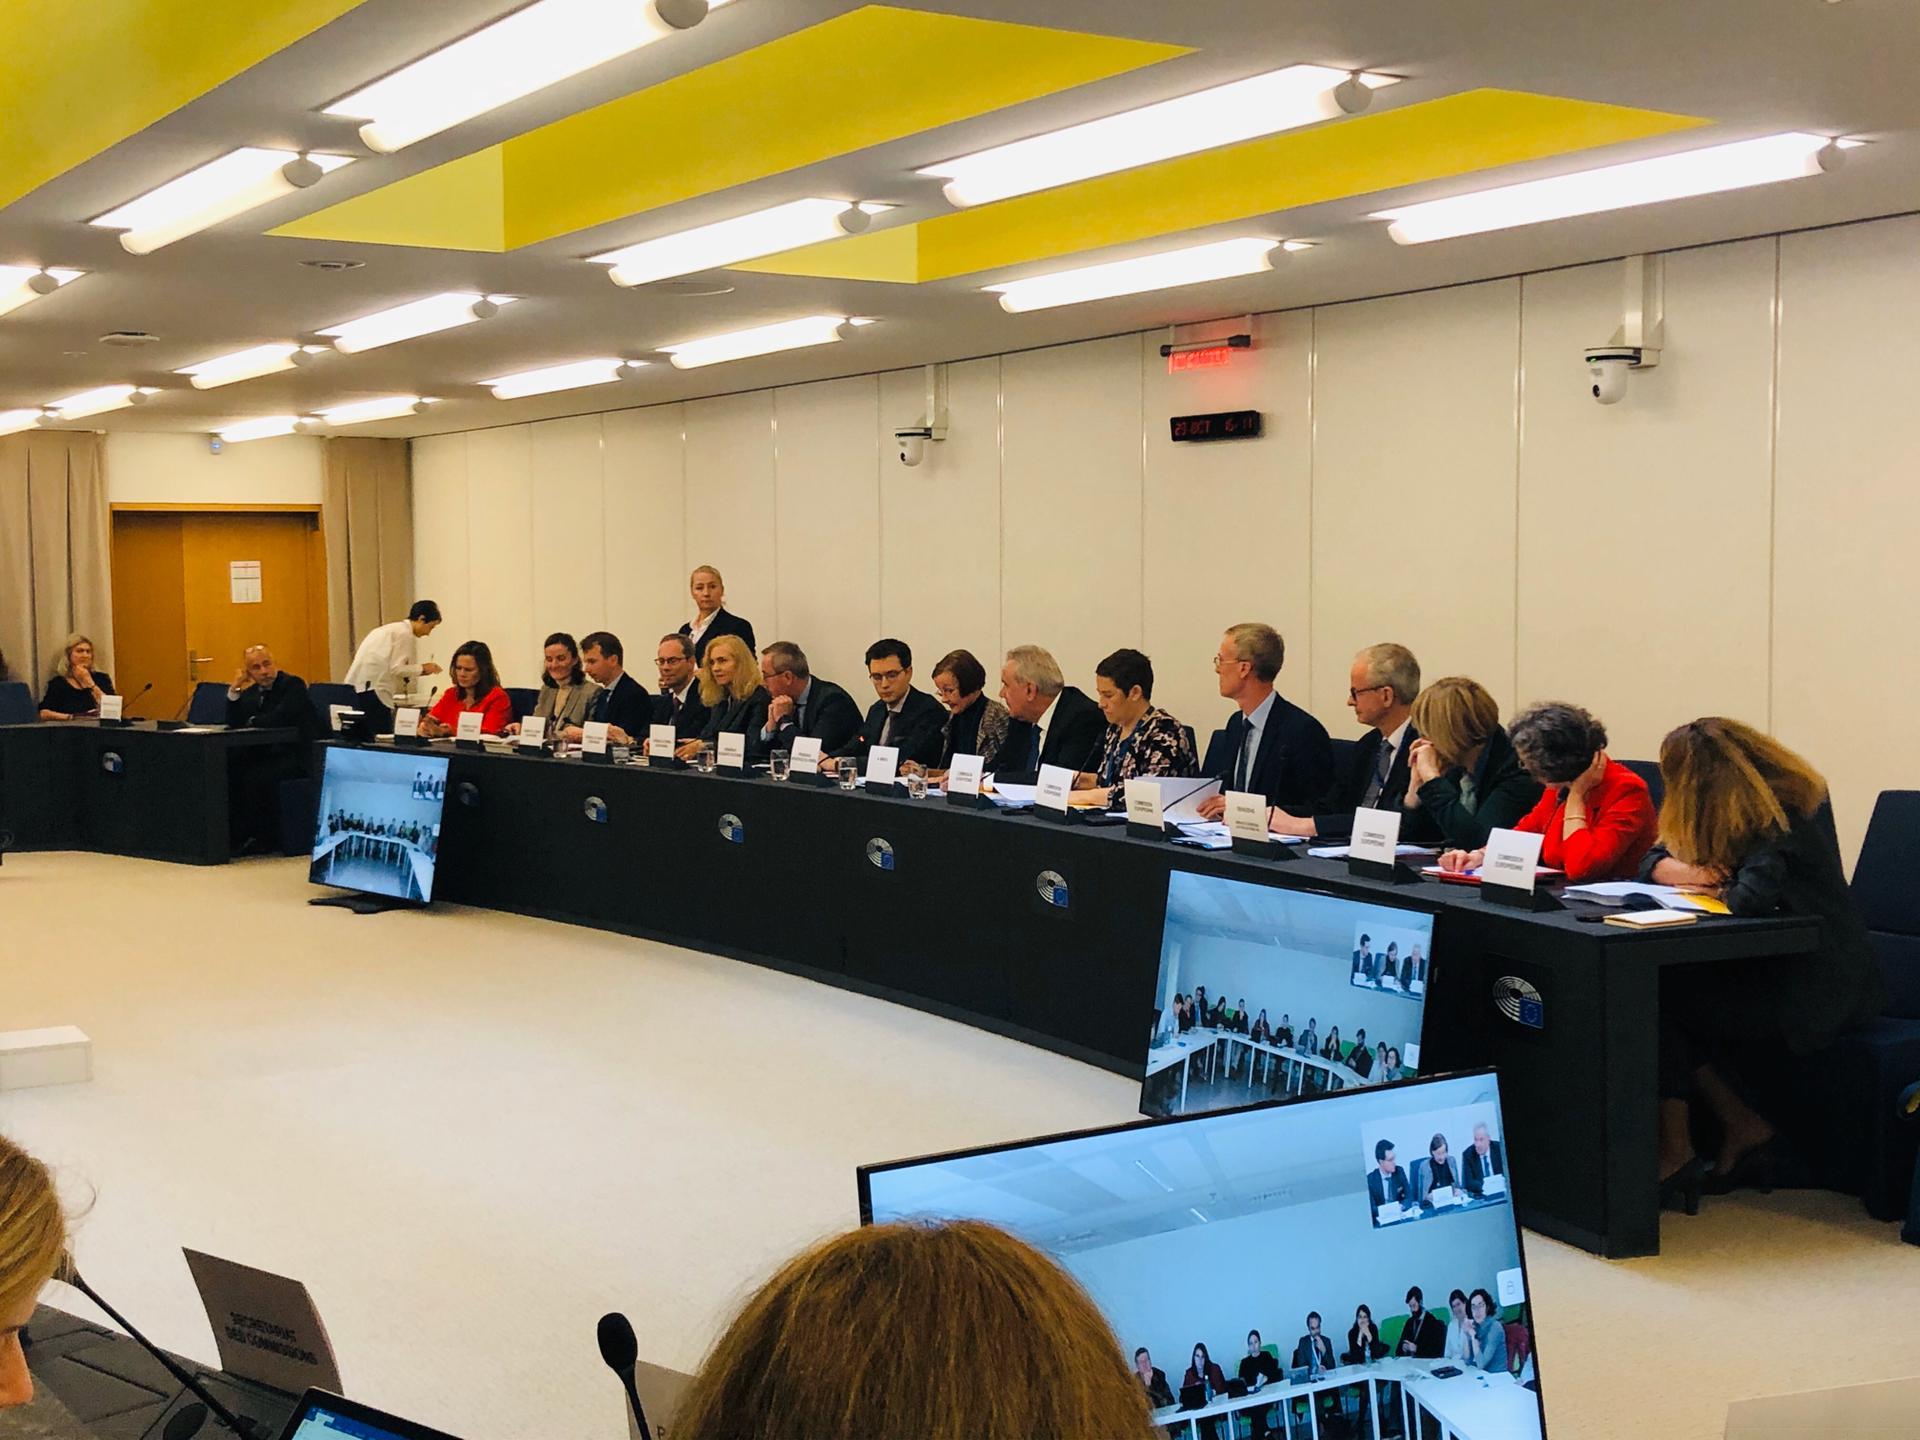 Suomen puheenjohtajuuskauden aikaiset kolmikantaneuvottelut käynnissä Euroopan parlamentin ja komission kanssa neuvottelupöydän ääressä.